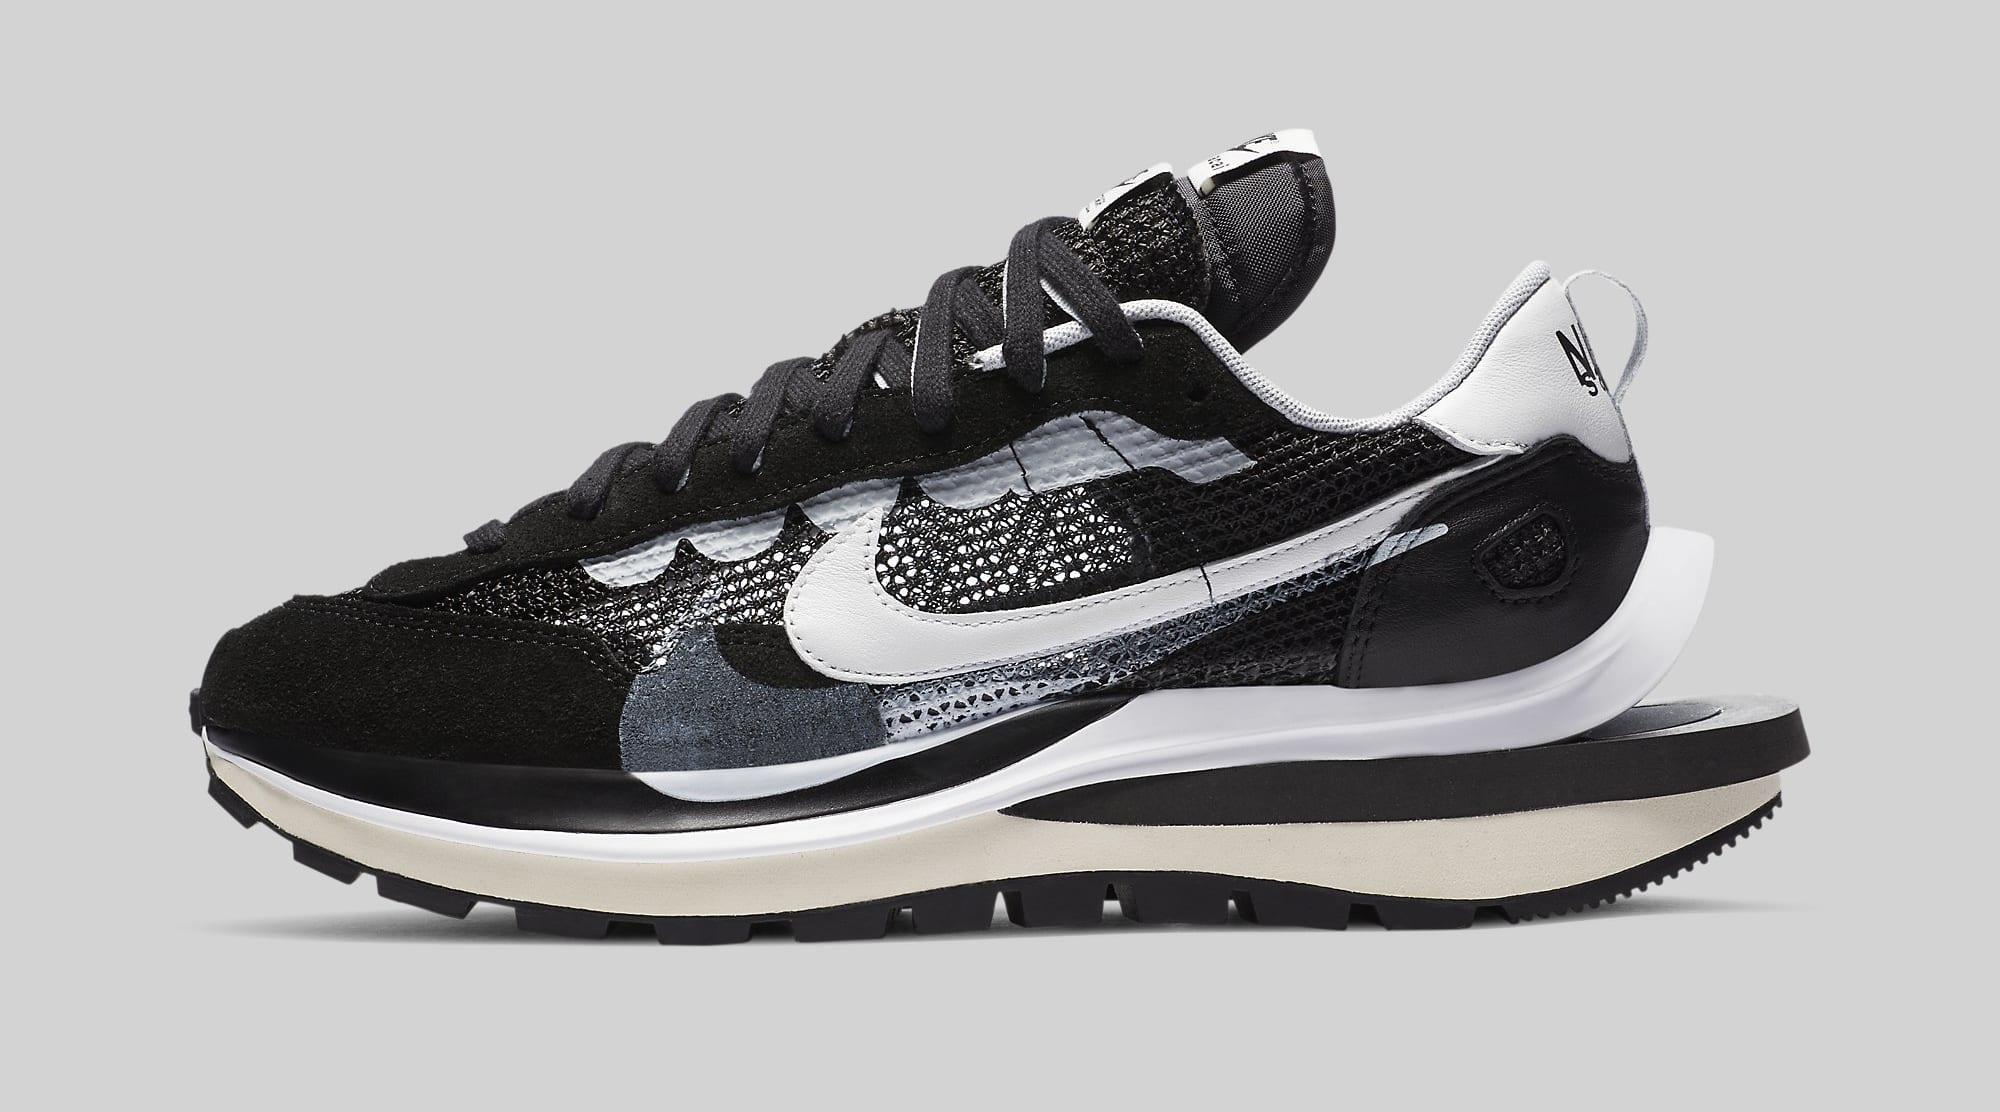 Sacai x Nike VaporWaffle 'Black' CV1363-001 Lateral